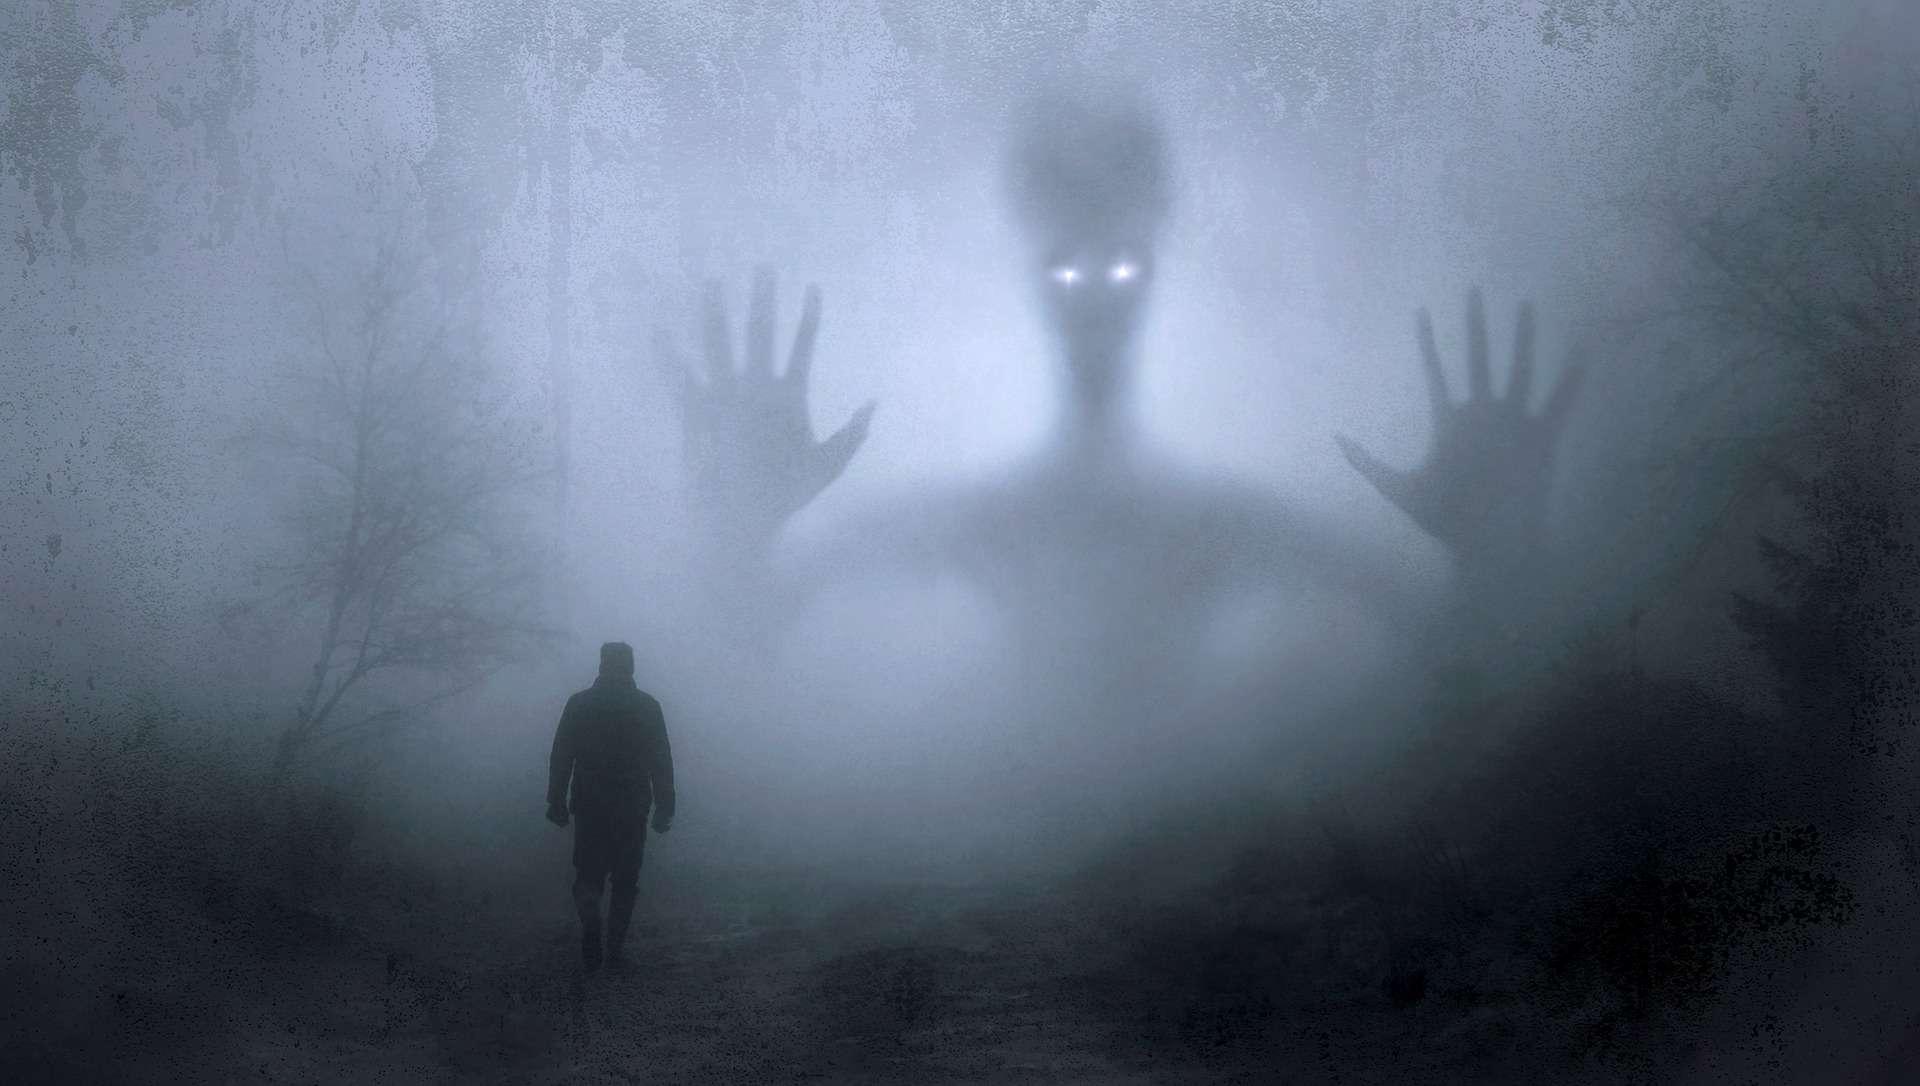 Le mécanisme des cauchemars en partie révélé